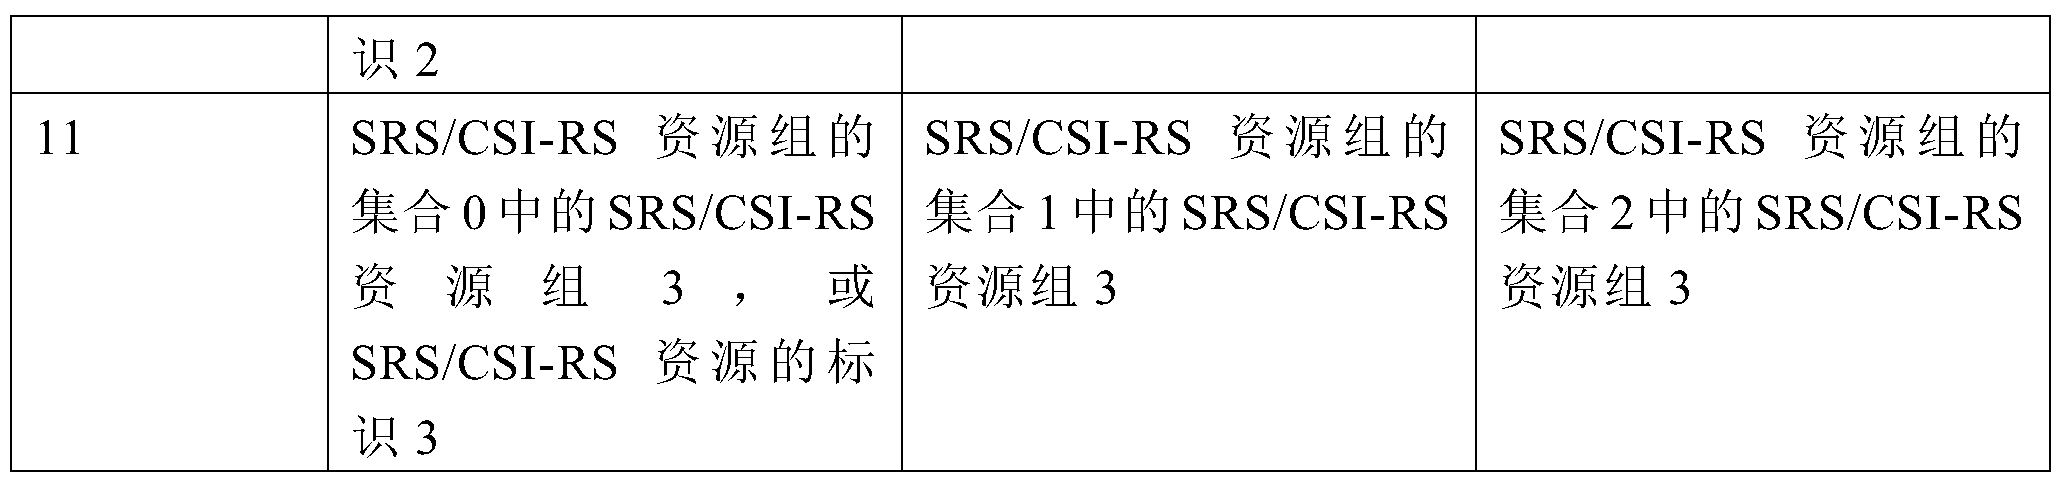 Figure PCTCN2017108398-appb-000004